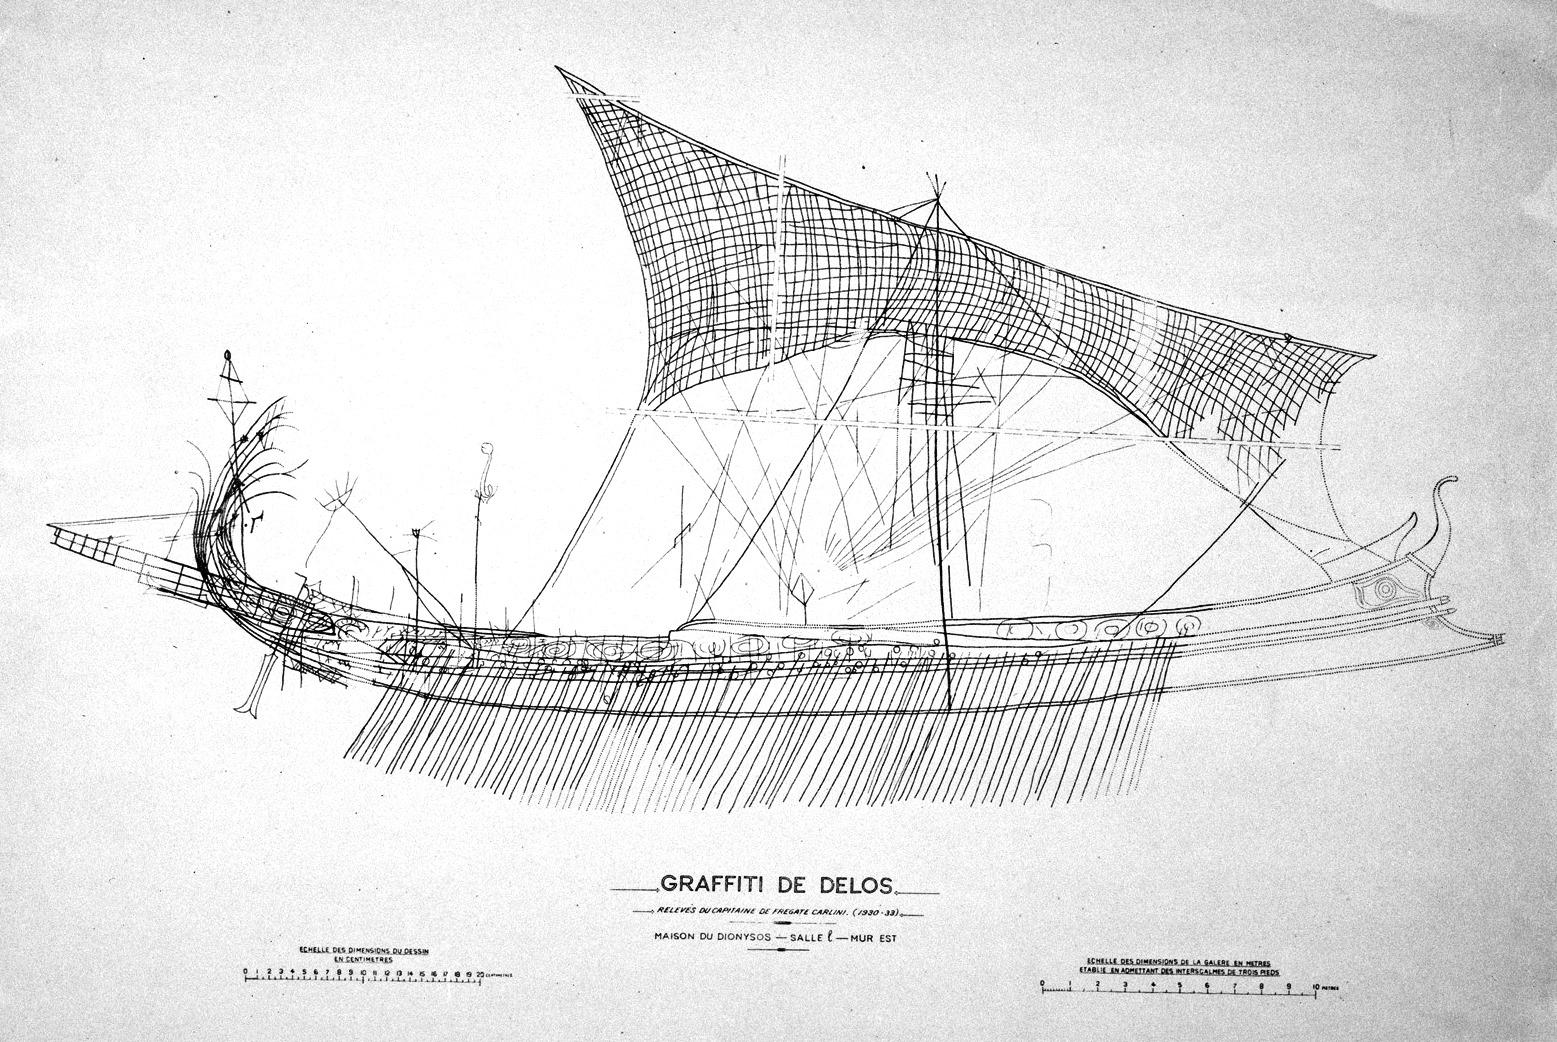 Drawn ship graffito Ships Ports ancient Ports Antiques